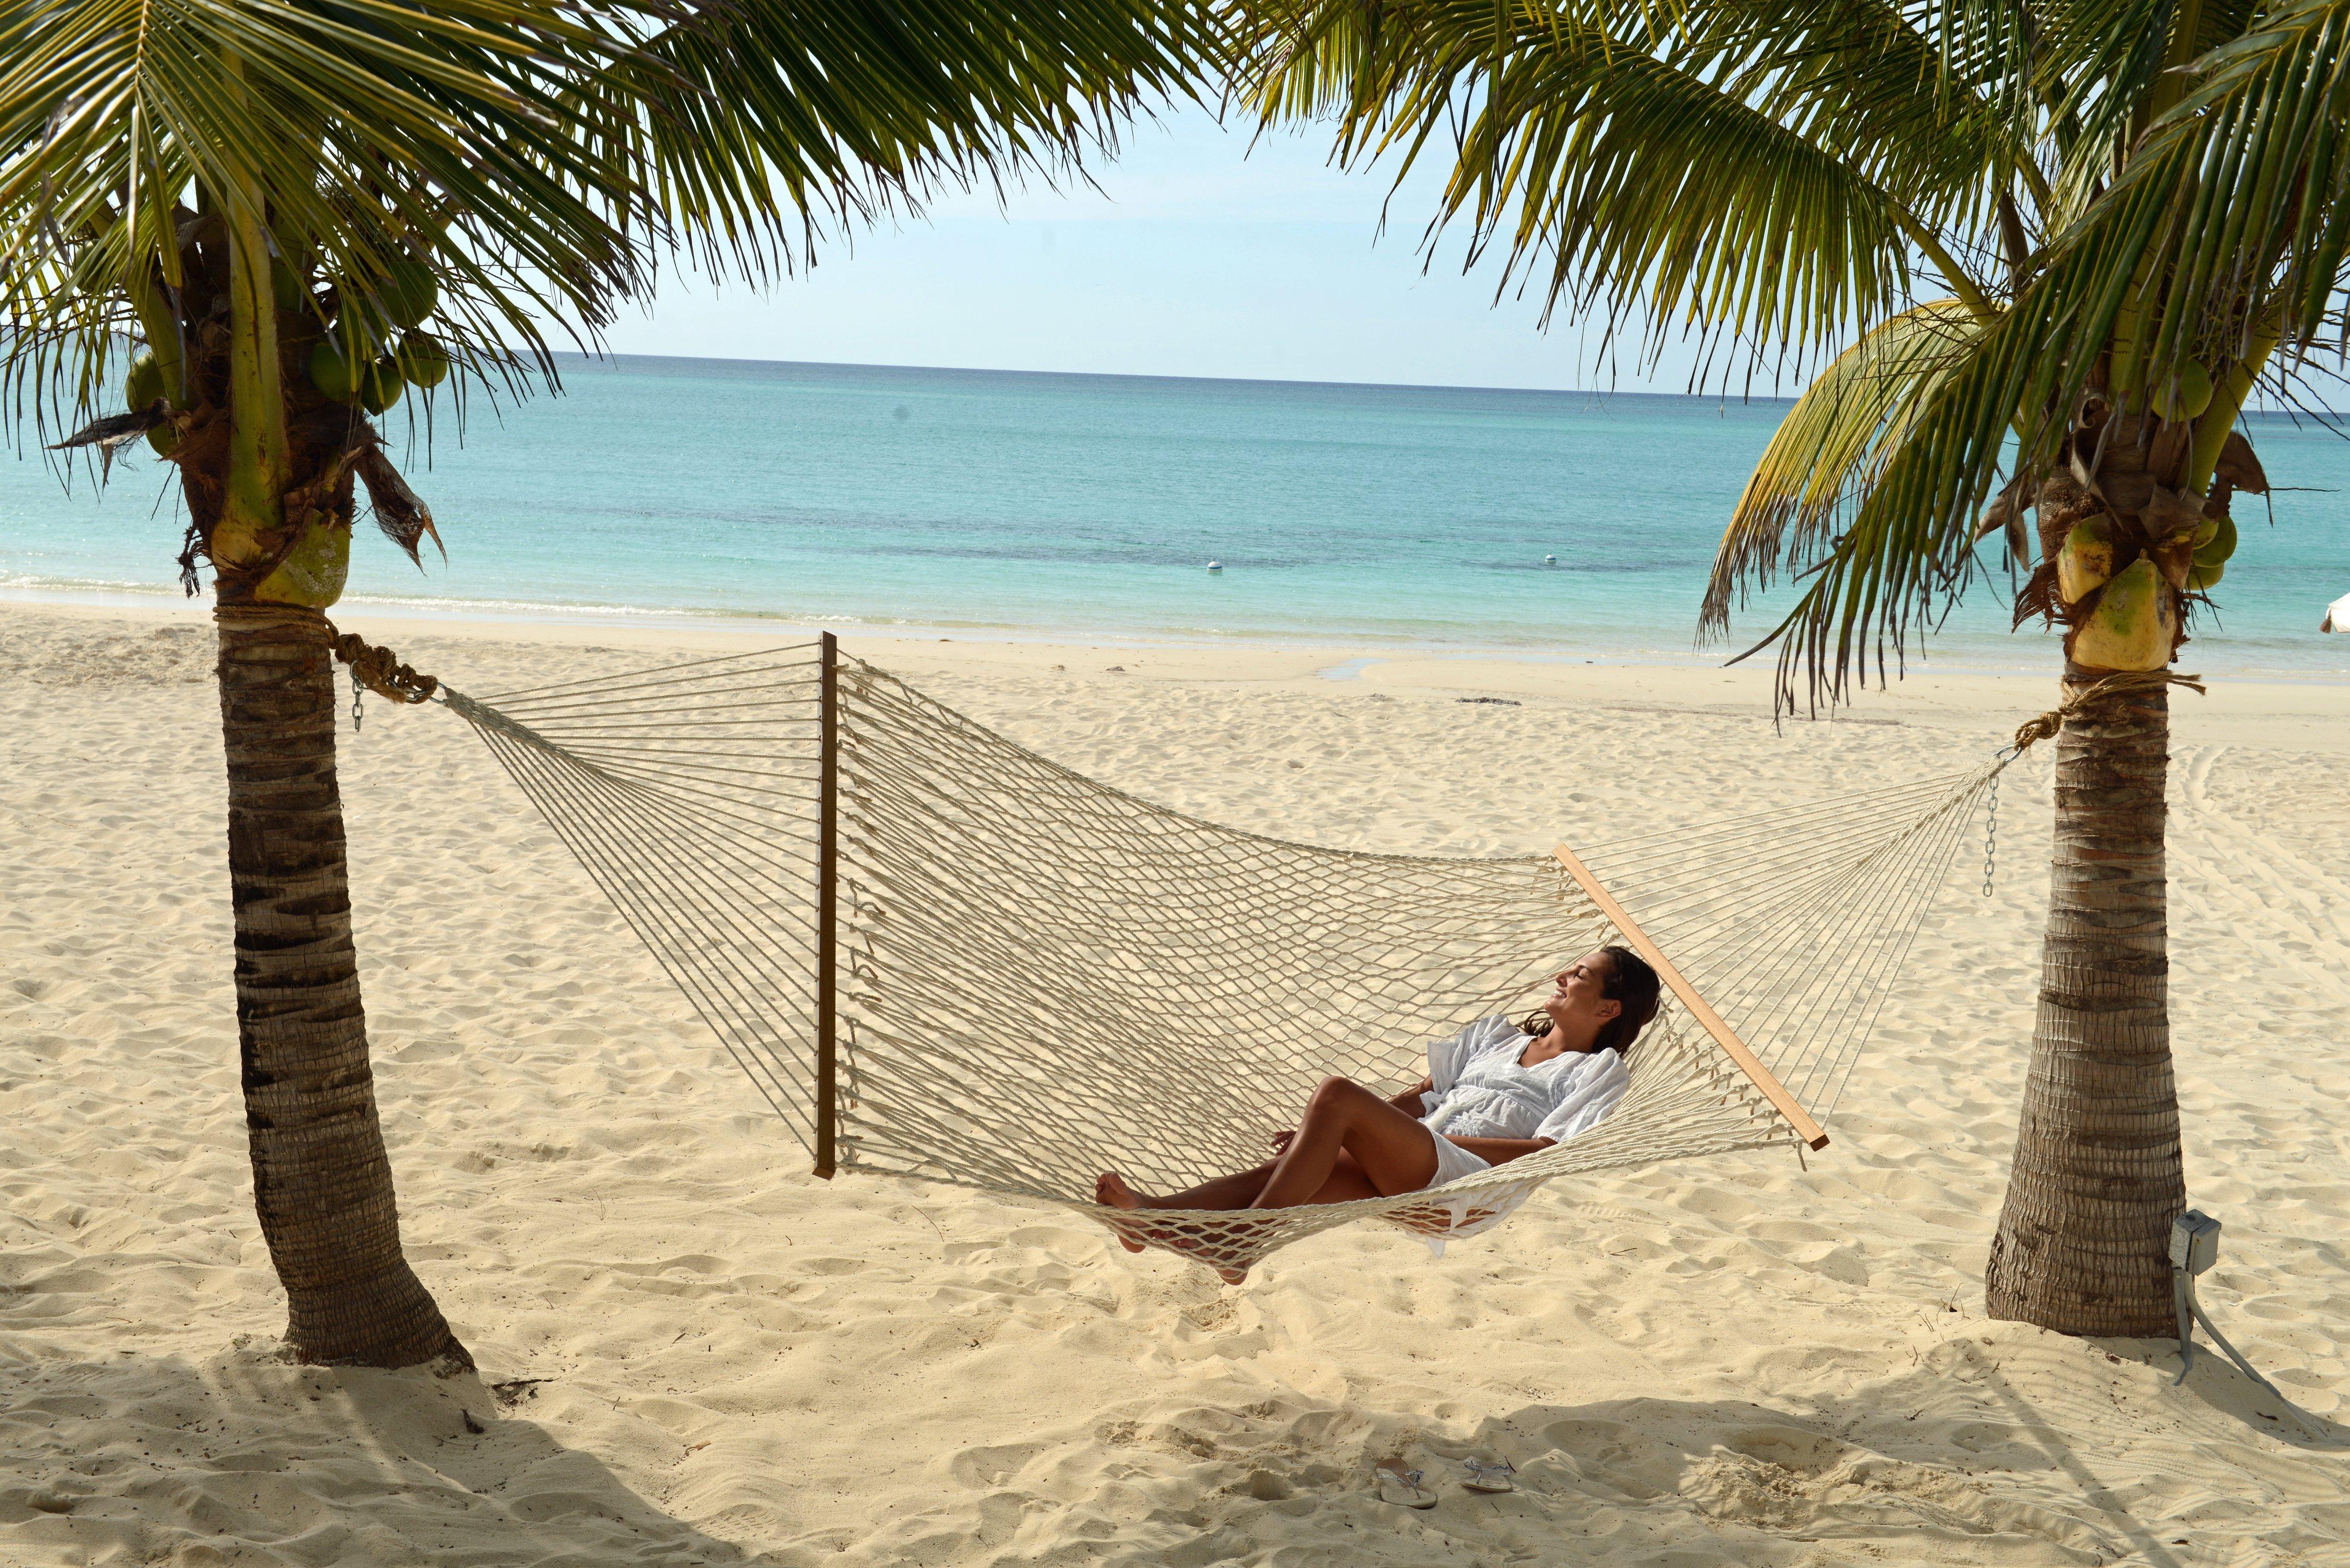 d70d19a37e World's best beaches: Top 100 ranked | CNN Travel